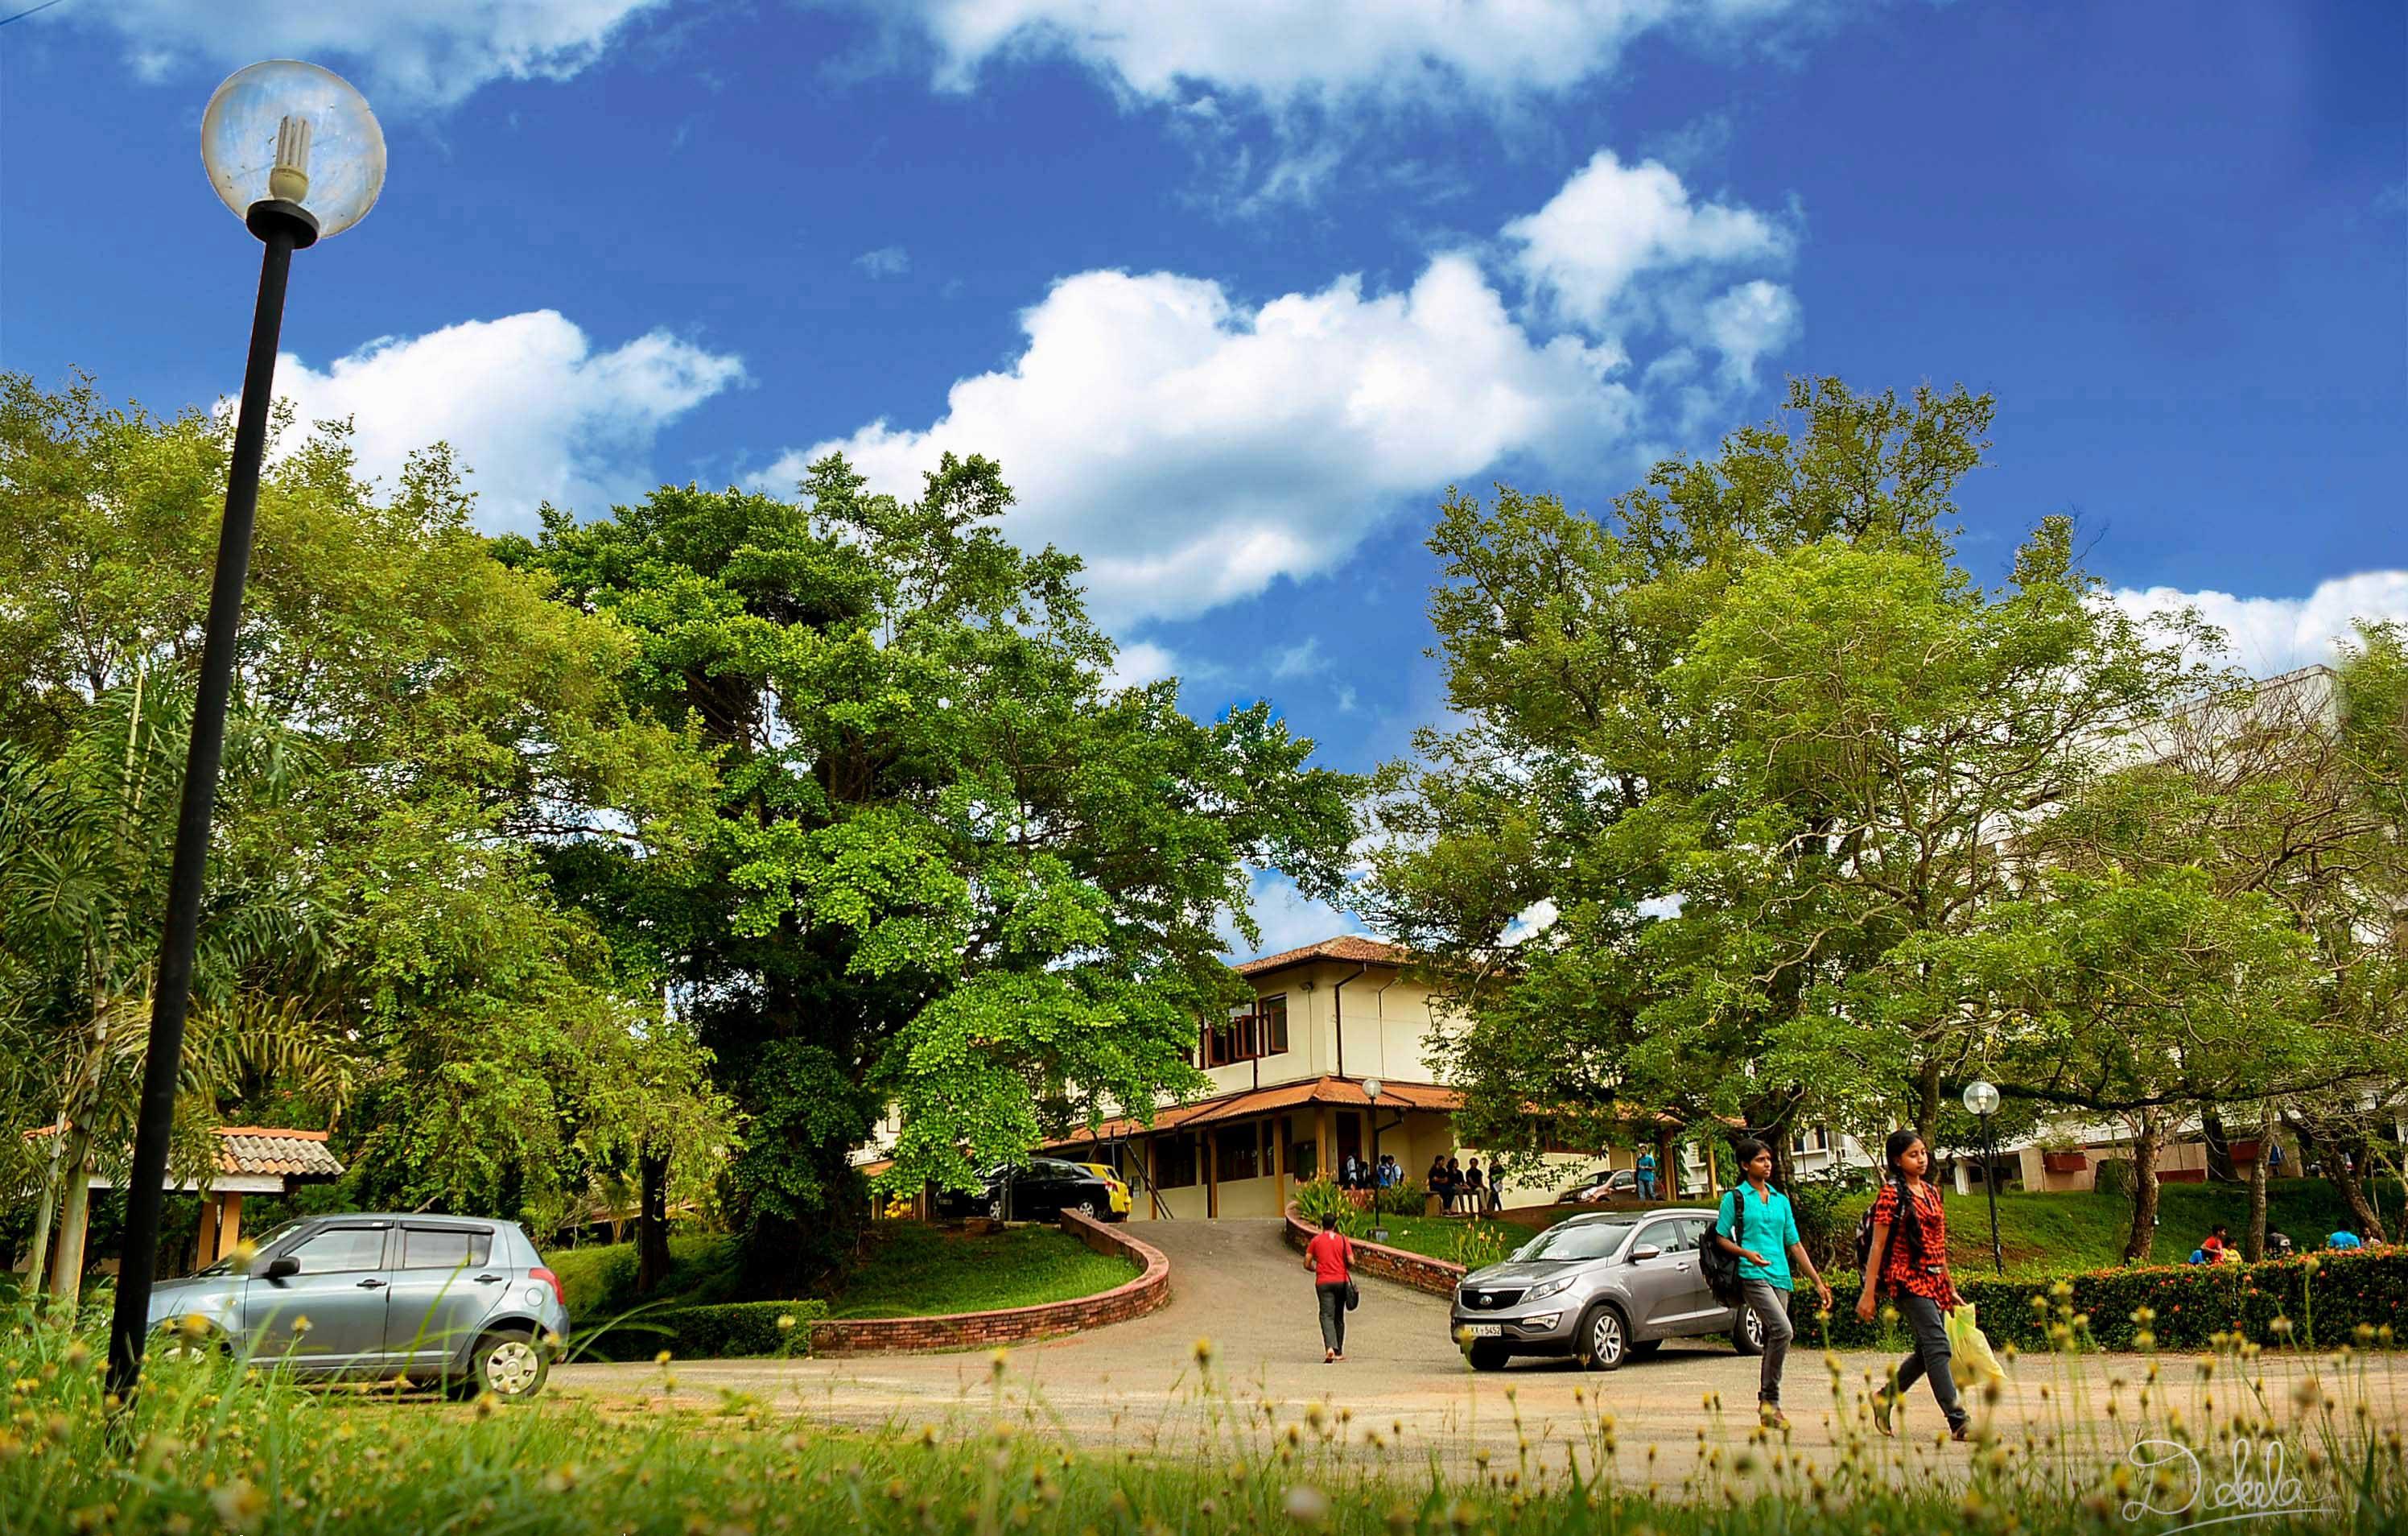 University of Sri Jayewardenepura, Sri Lanka